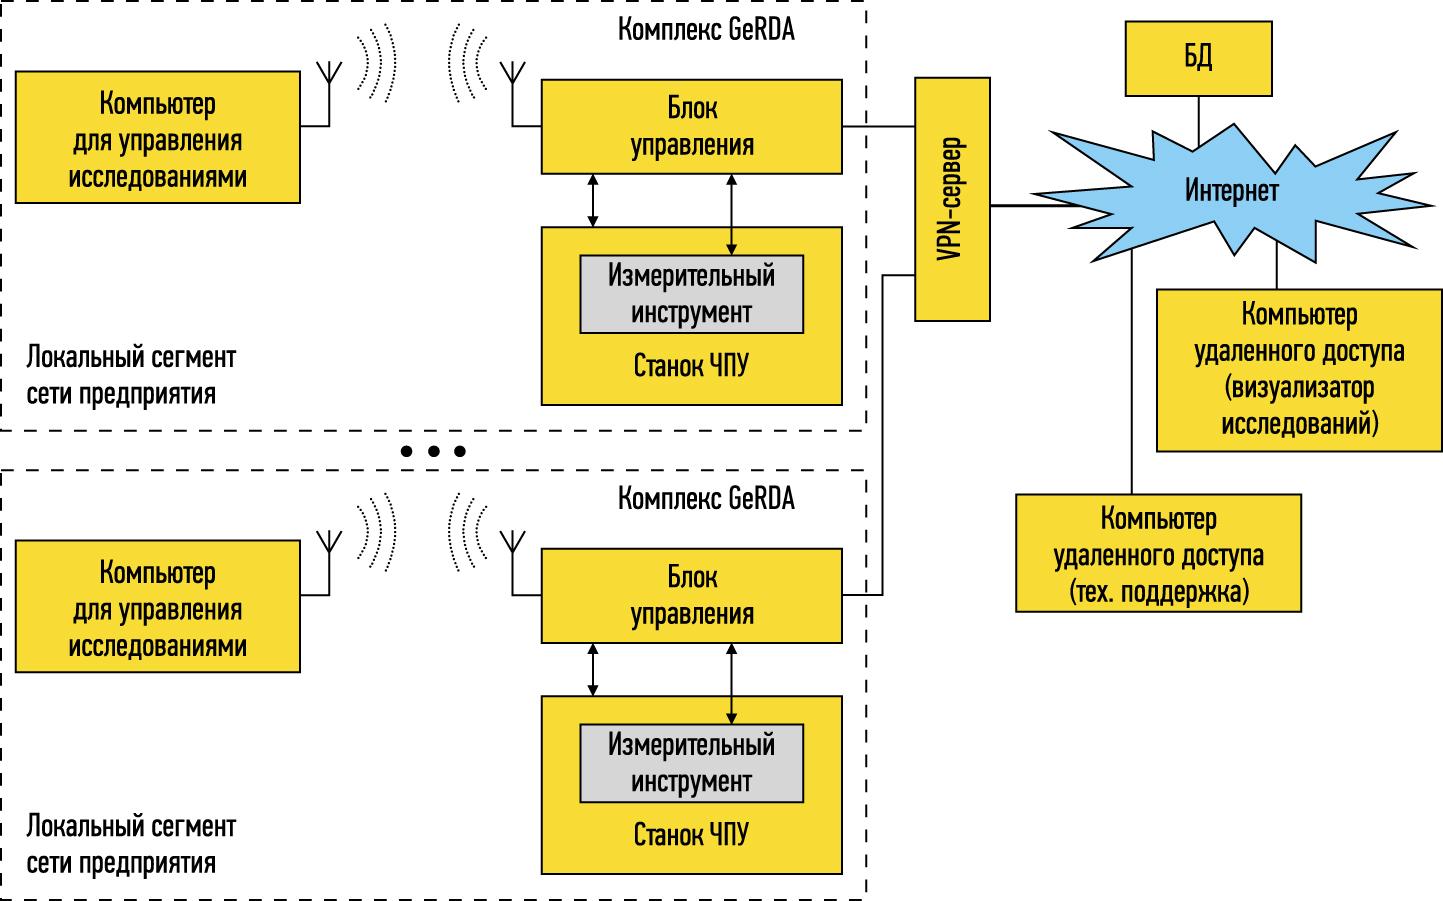 Сетевая схема автоматизации геохимических исследований и документирования с использованием комплексов GeRDA